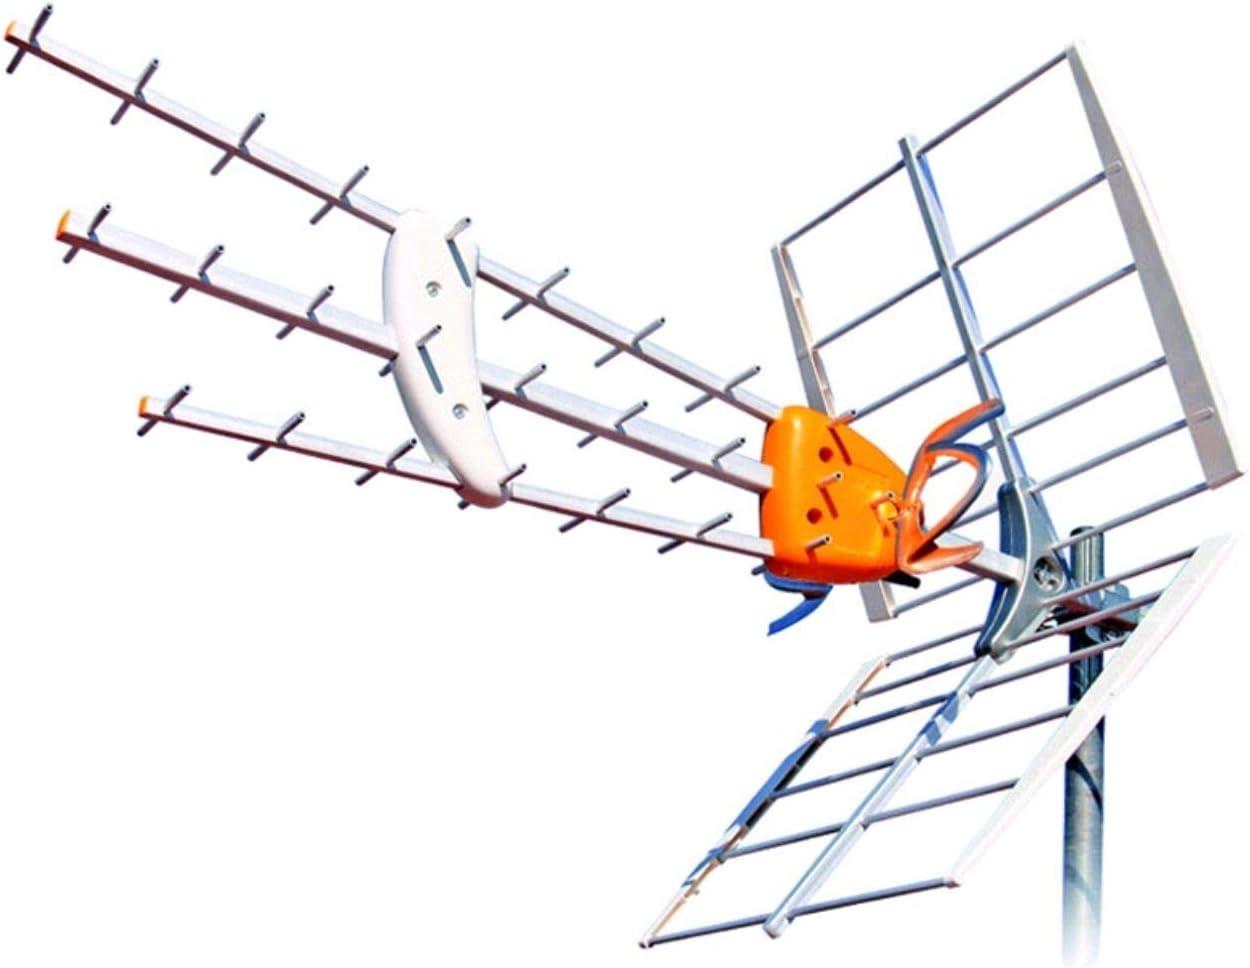 Kit Antena TELEVES Boss 790 HD con Filtro LTE Y PREVIO MRD Inteligente + Rollo 20 MT Cable Y Conectores …